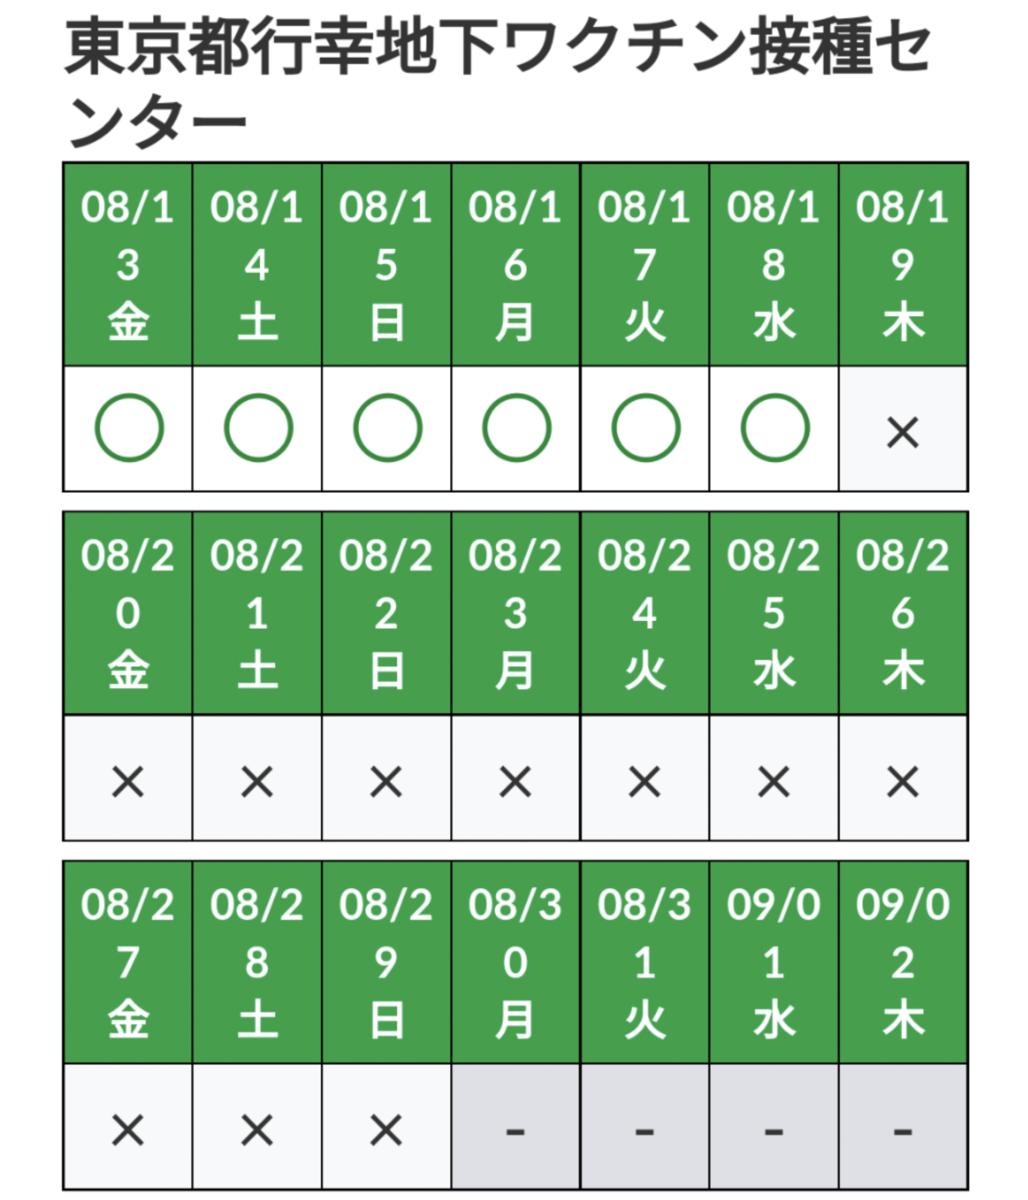 f:id:correct-me:20210810112352p:plain